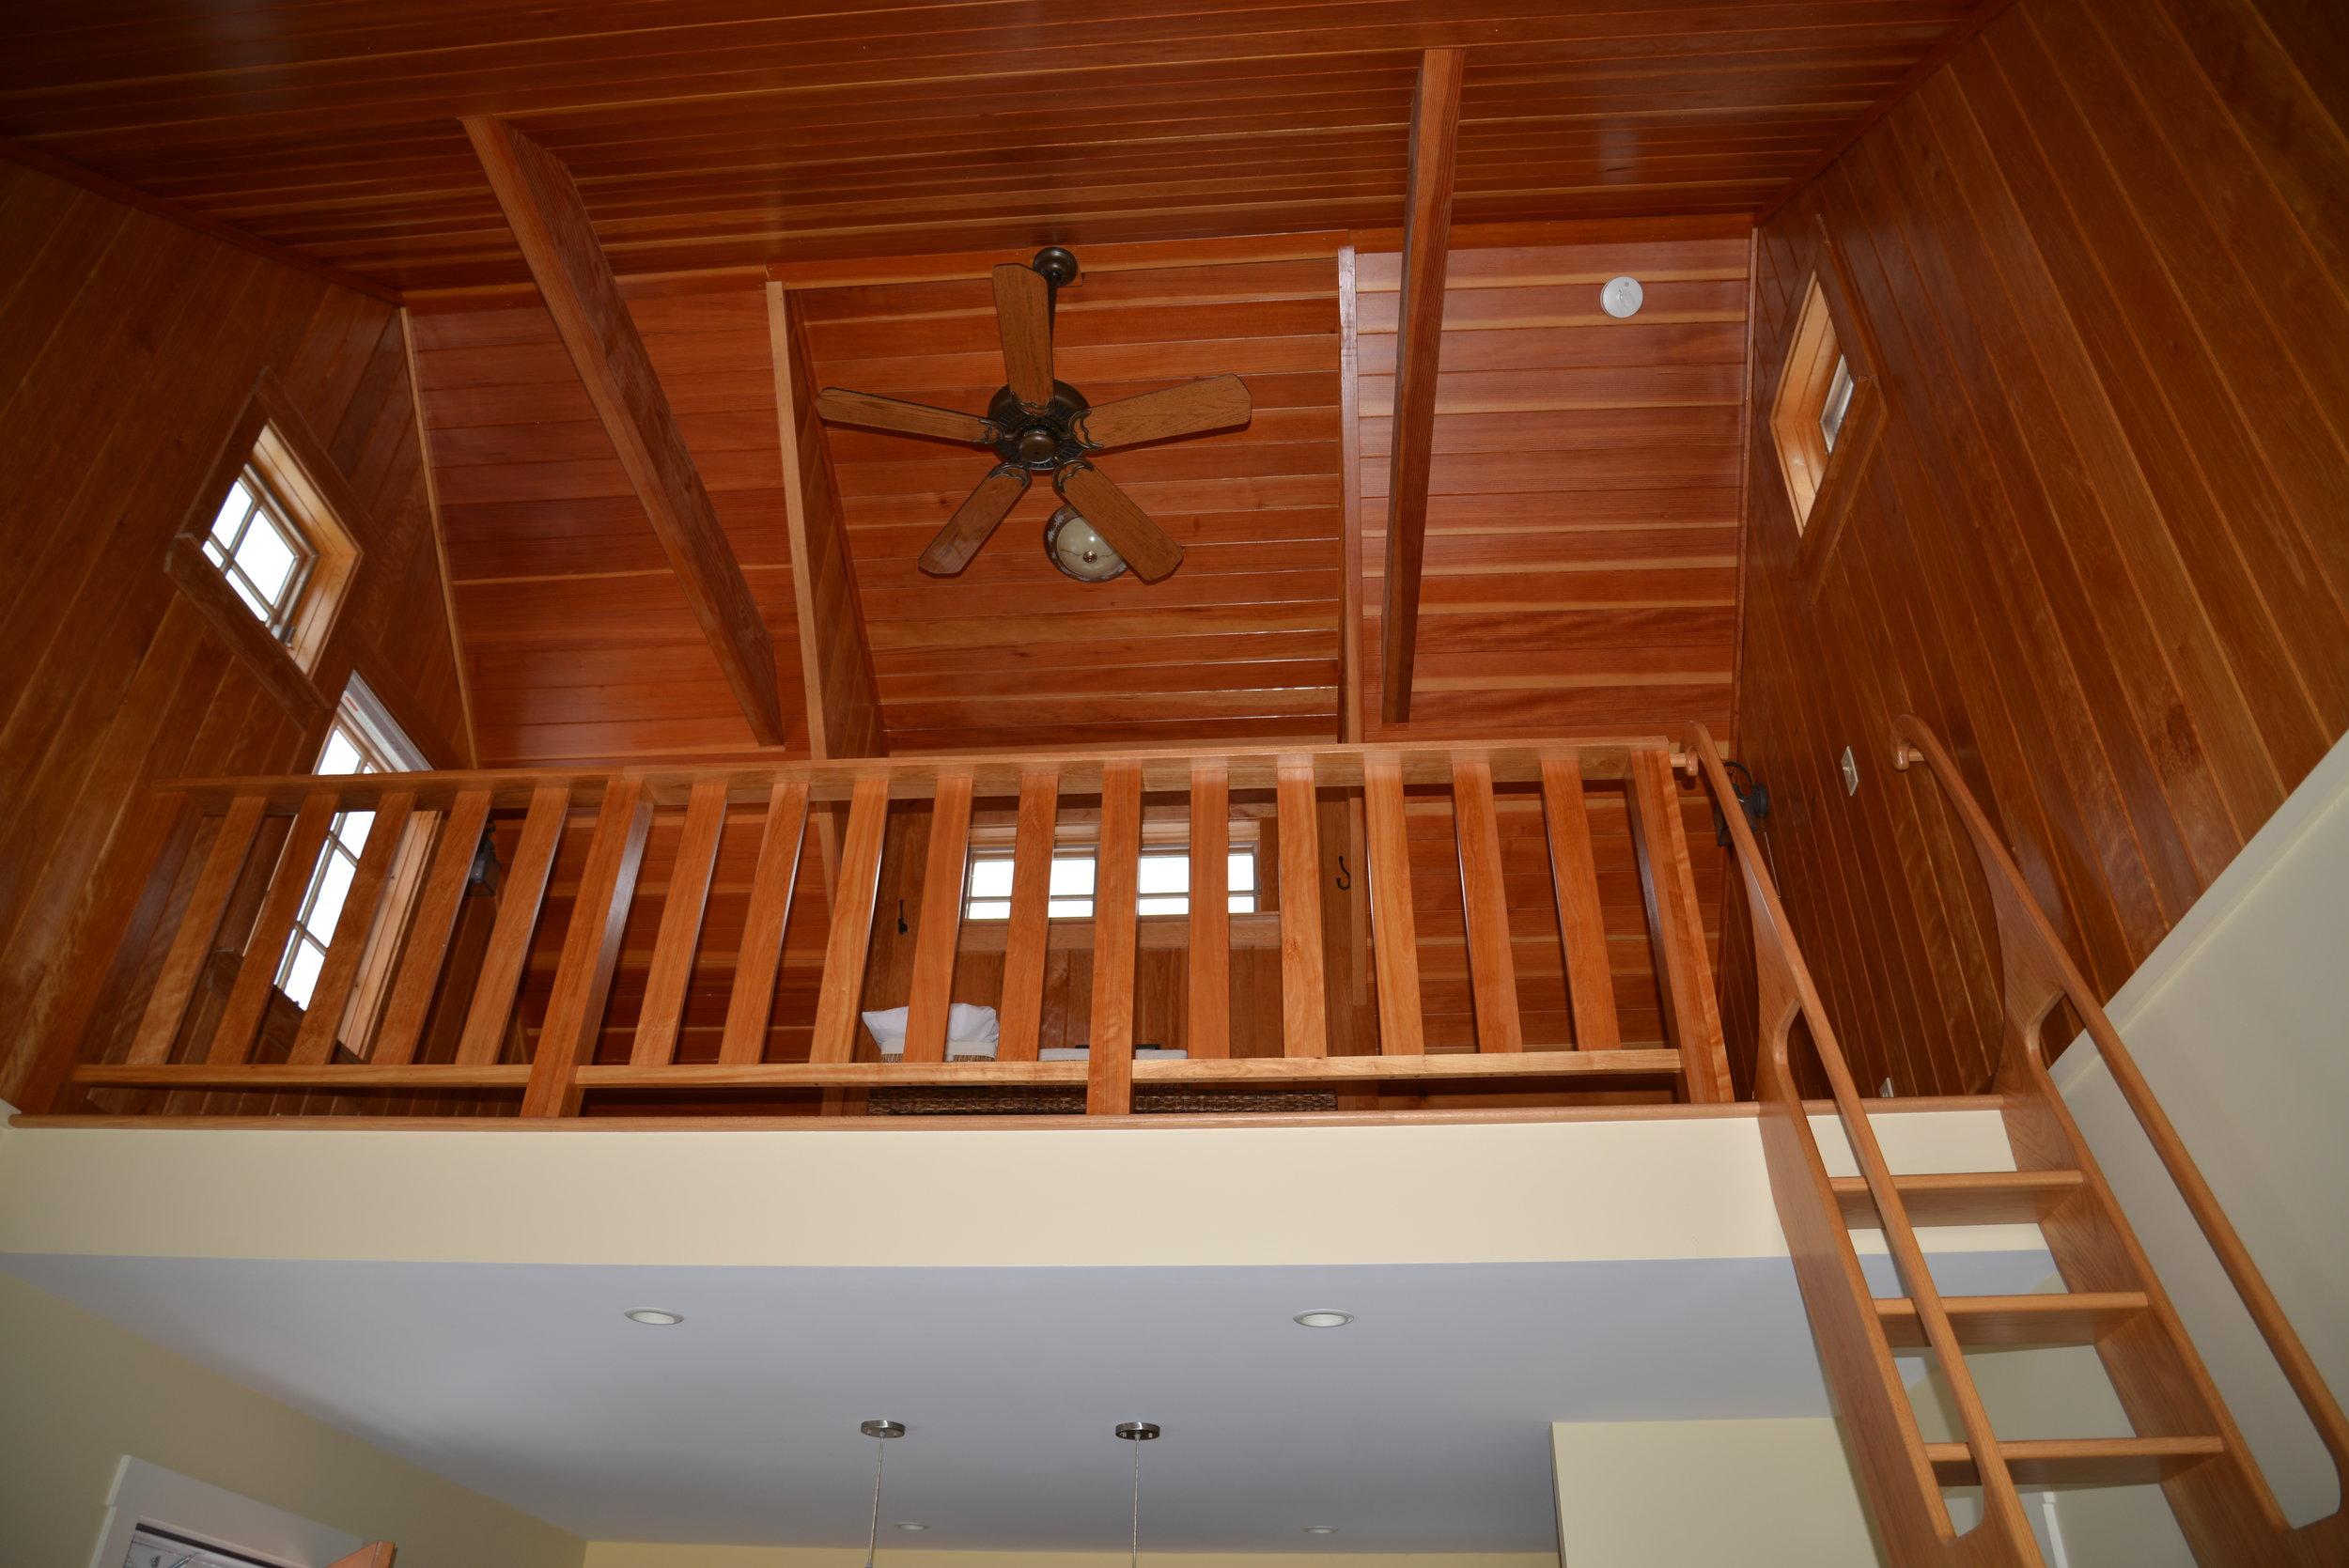 Loft-Work Space